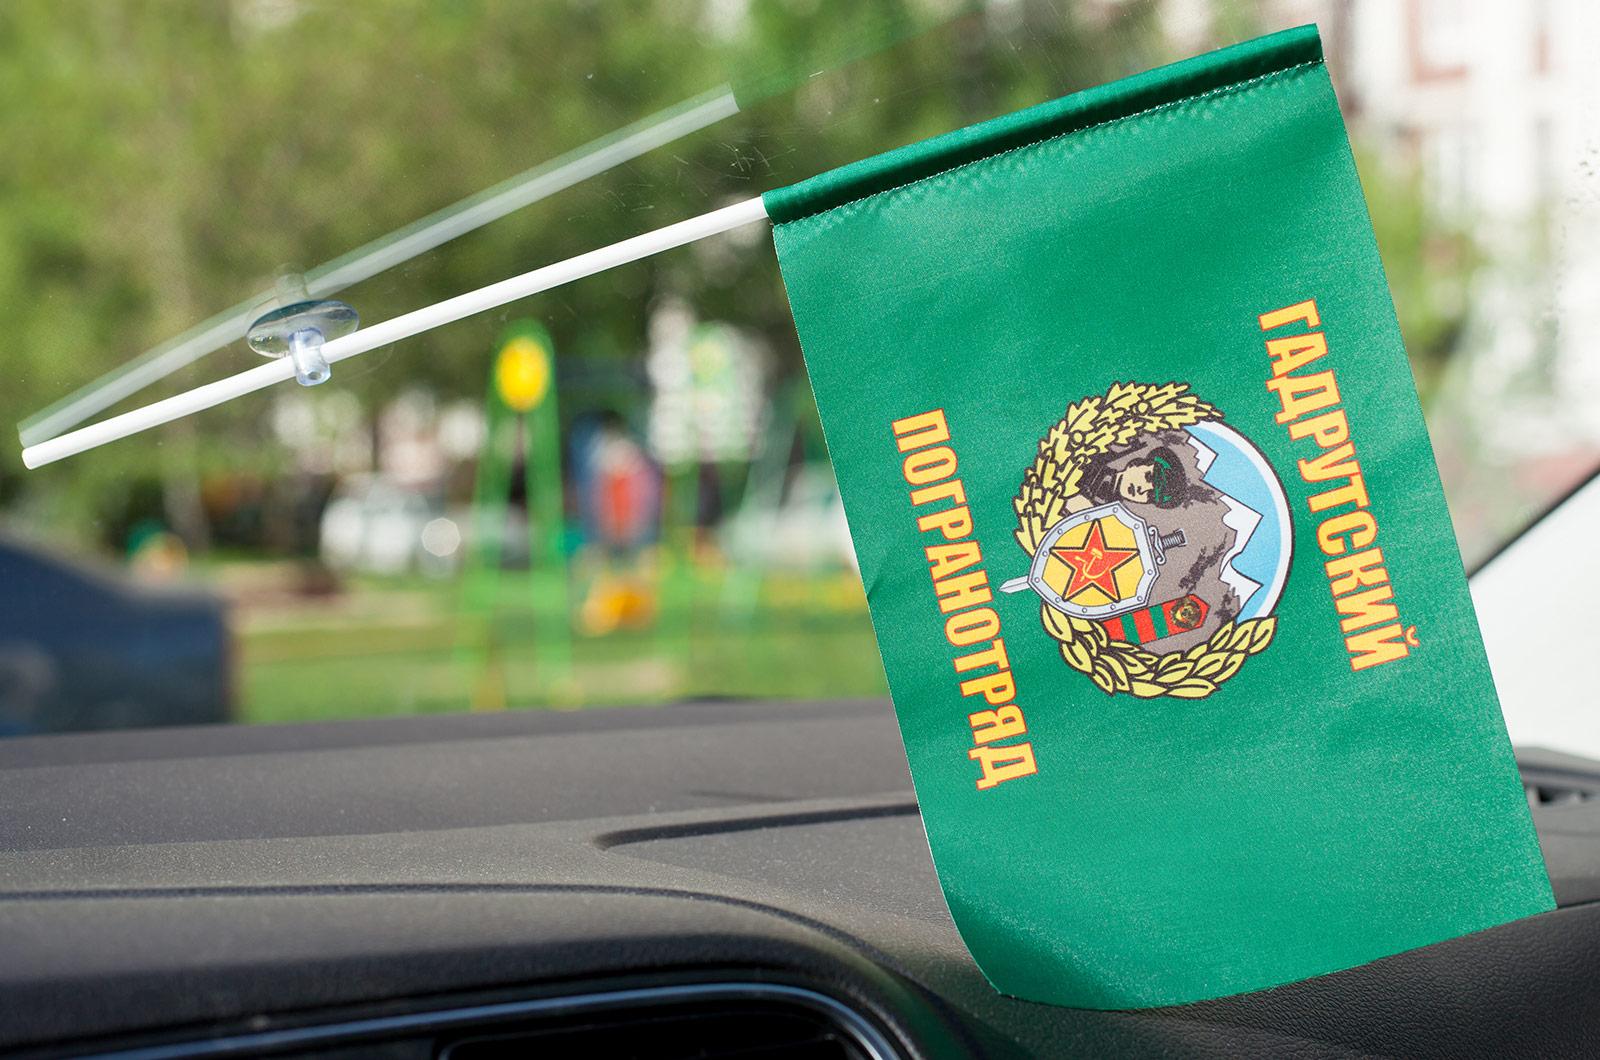 Флажок в машину «Гадрутский пограничный отряд»